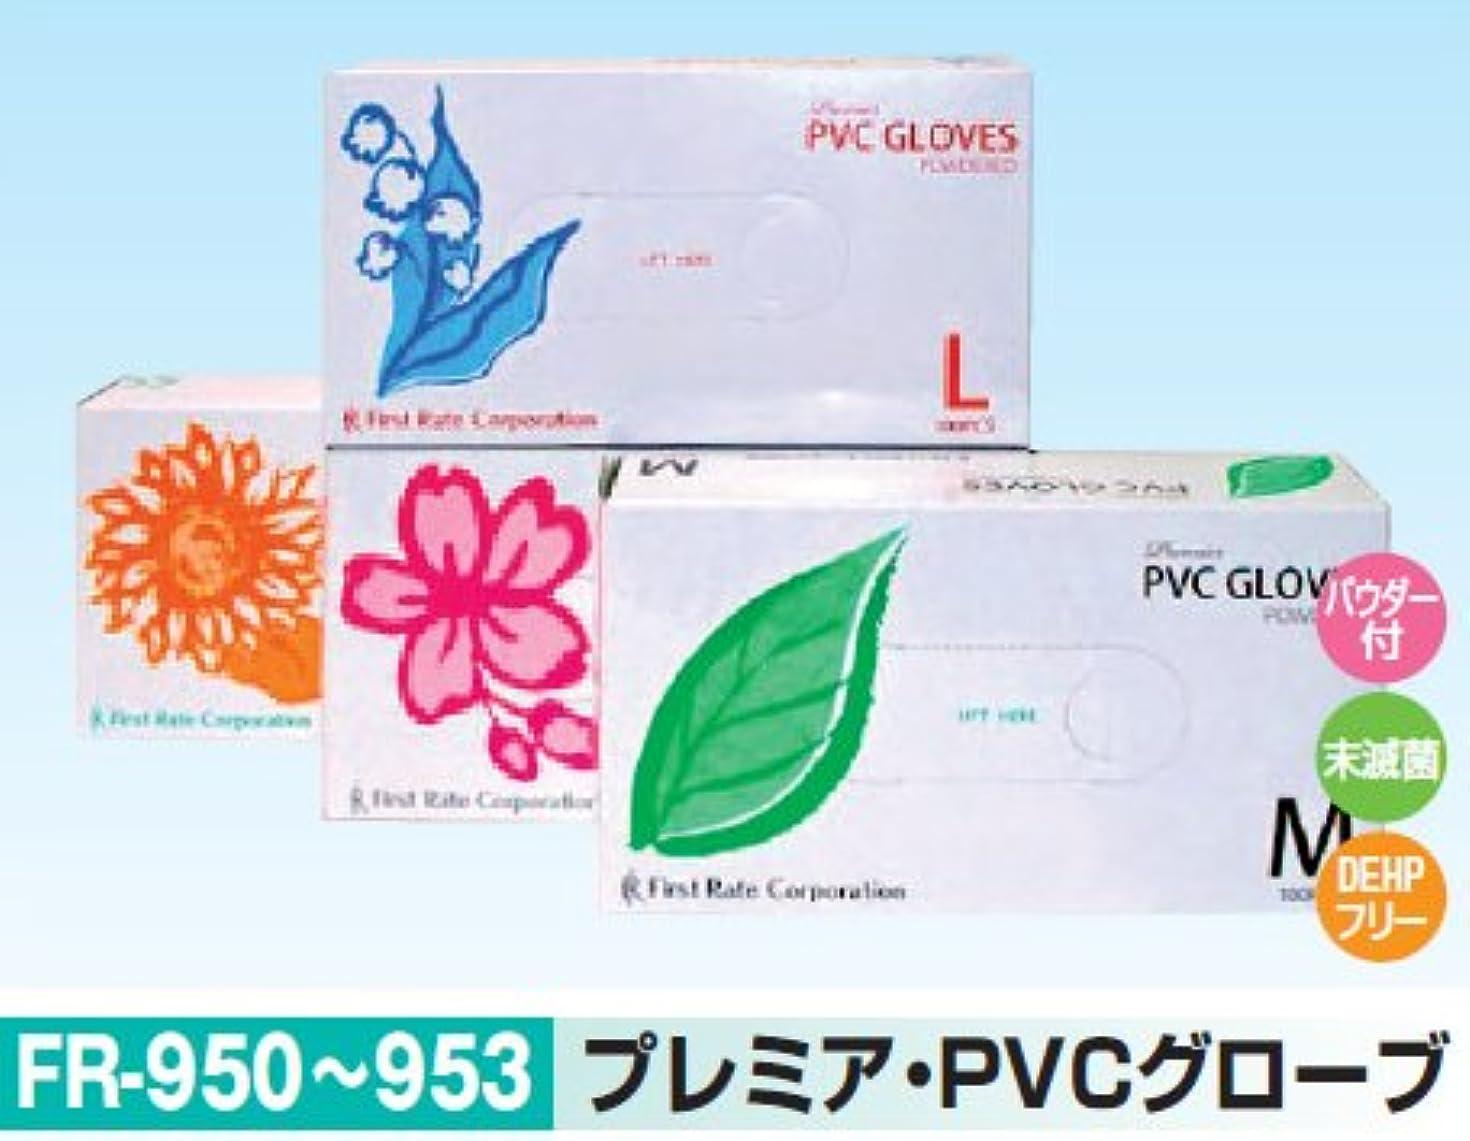 シュリンク警告イソギンチャクプレミア?PVCグローブ Sサイズ 100枚 FR-951 使い捨て手袋、パウダー付き高伸縮性プラスチックグローブ